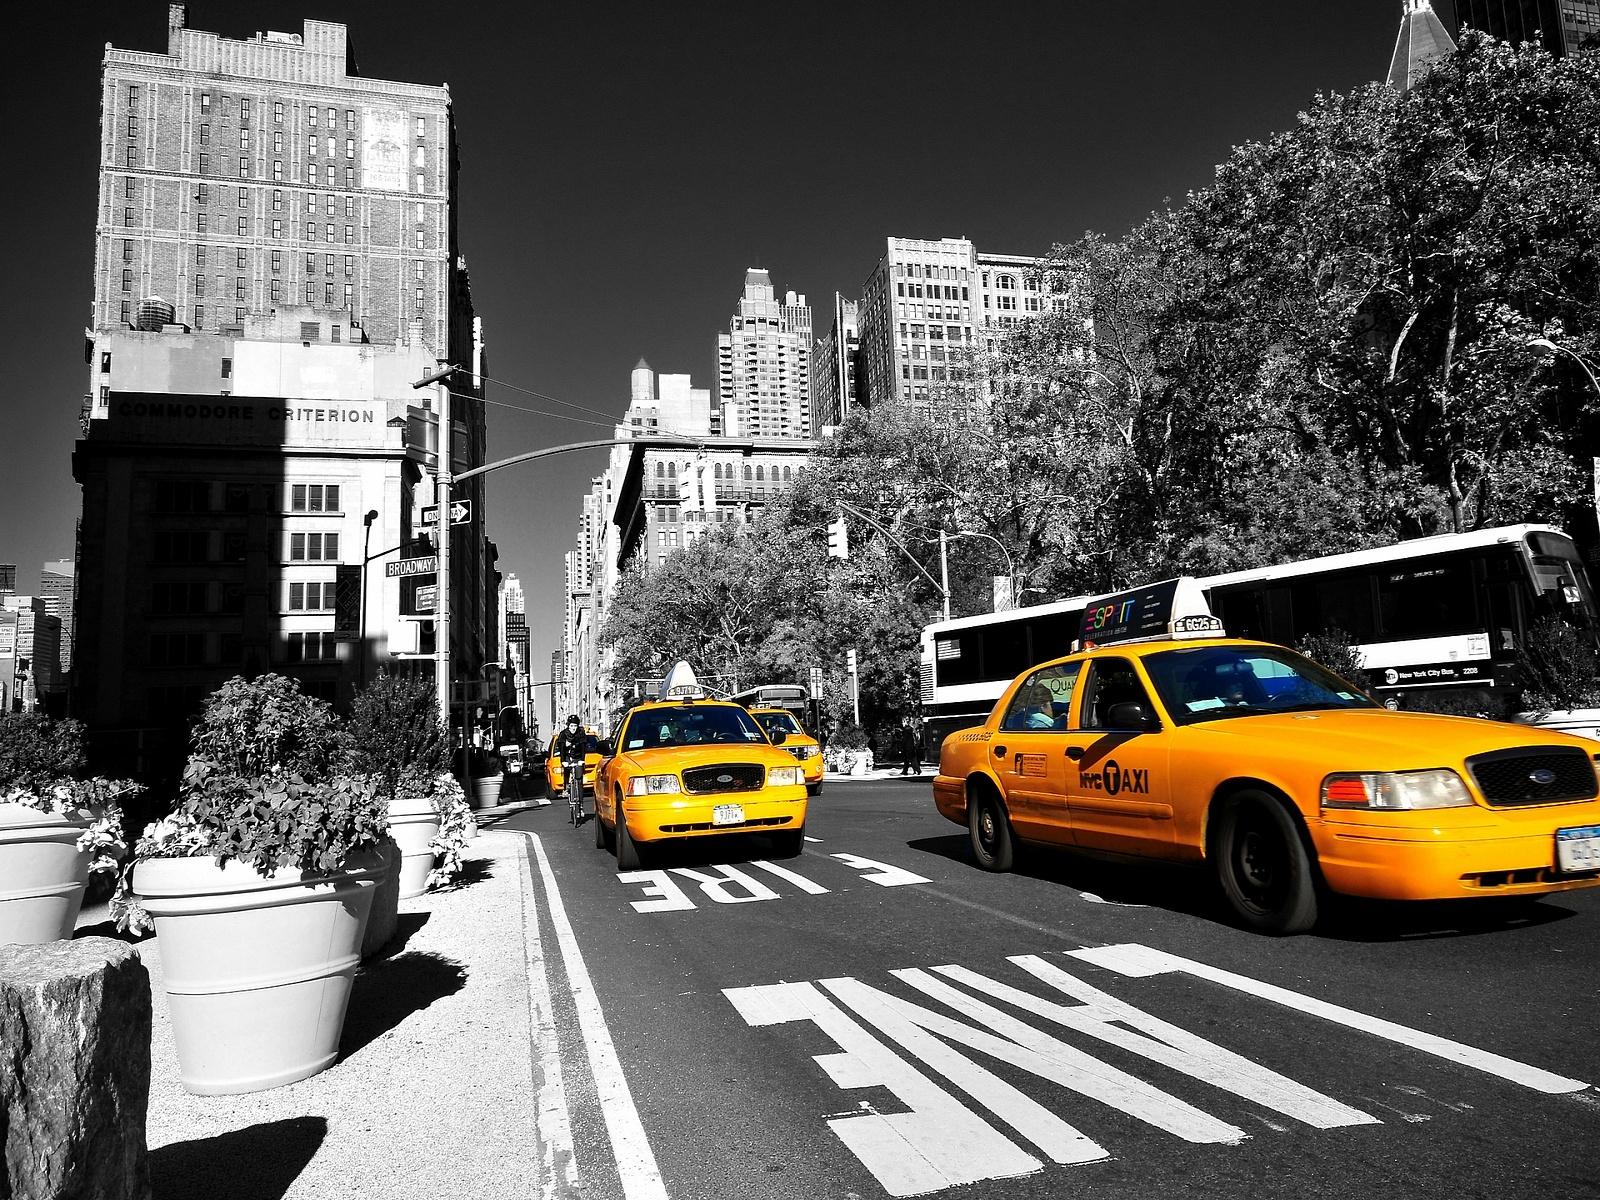 http://3.bp.blogspot.com/-pv8Zy70CQFU/T10eXEruMuI/AAAAAAAAACs/tczFGyR9l0g/s1600/taxi-amarillo-en-nueva-york-wallpapers_17946_1600x1200.jpg